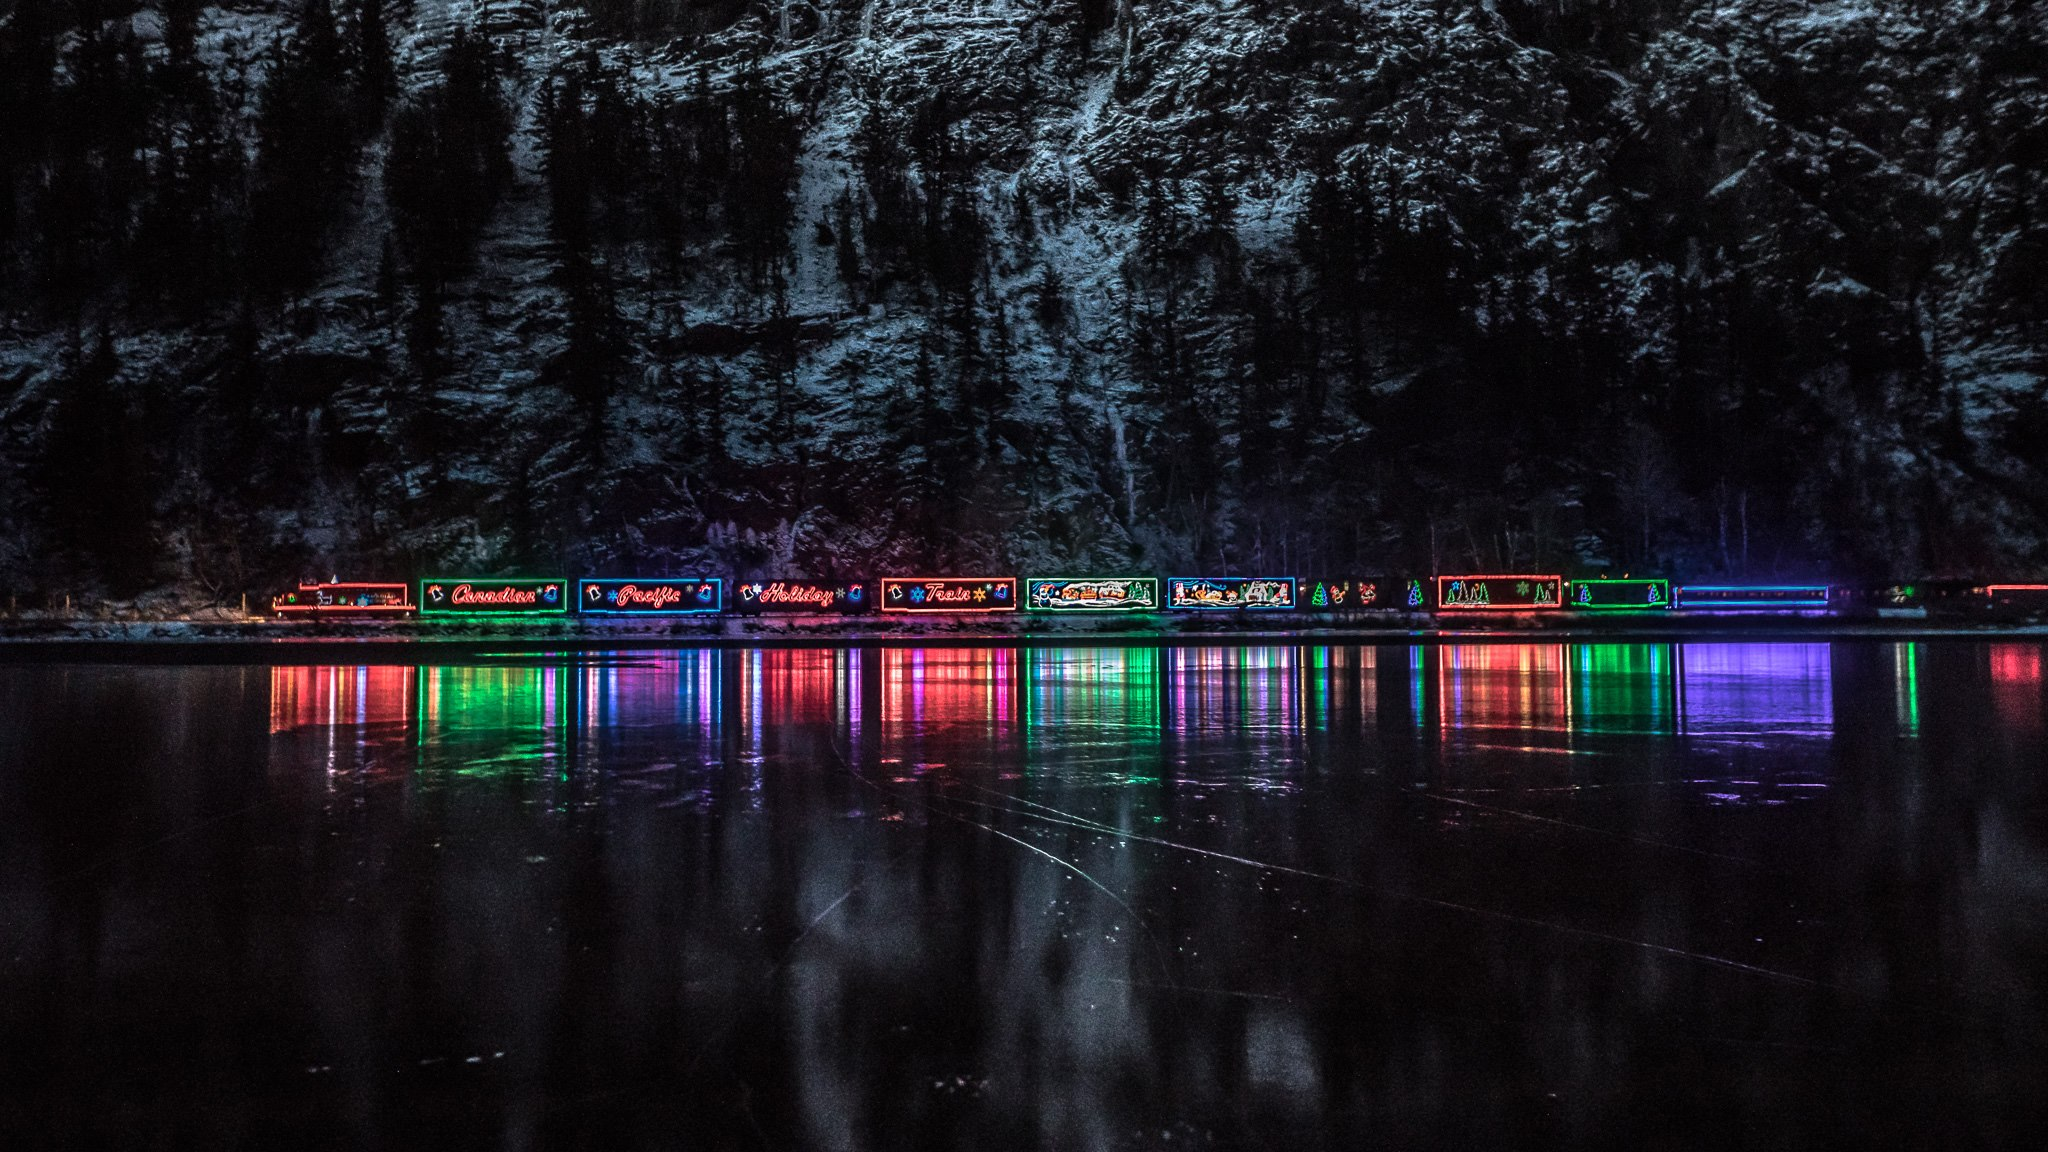 Holiday Train, az adománygyűjtő fényvonat